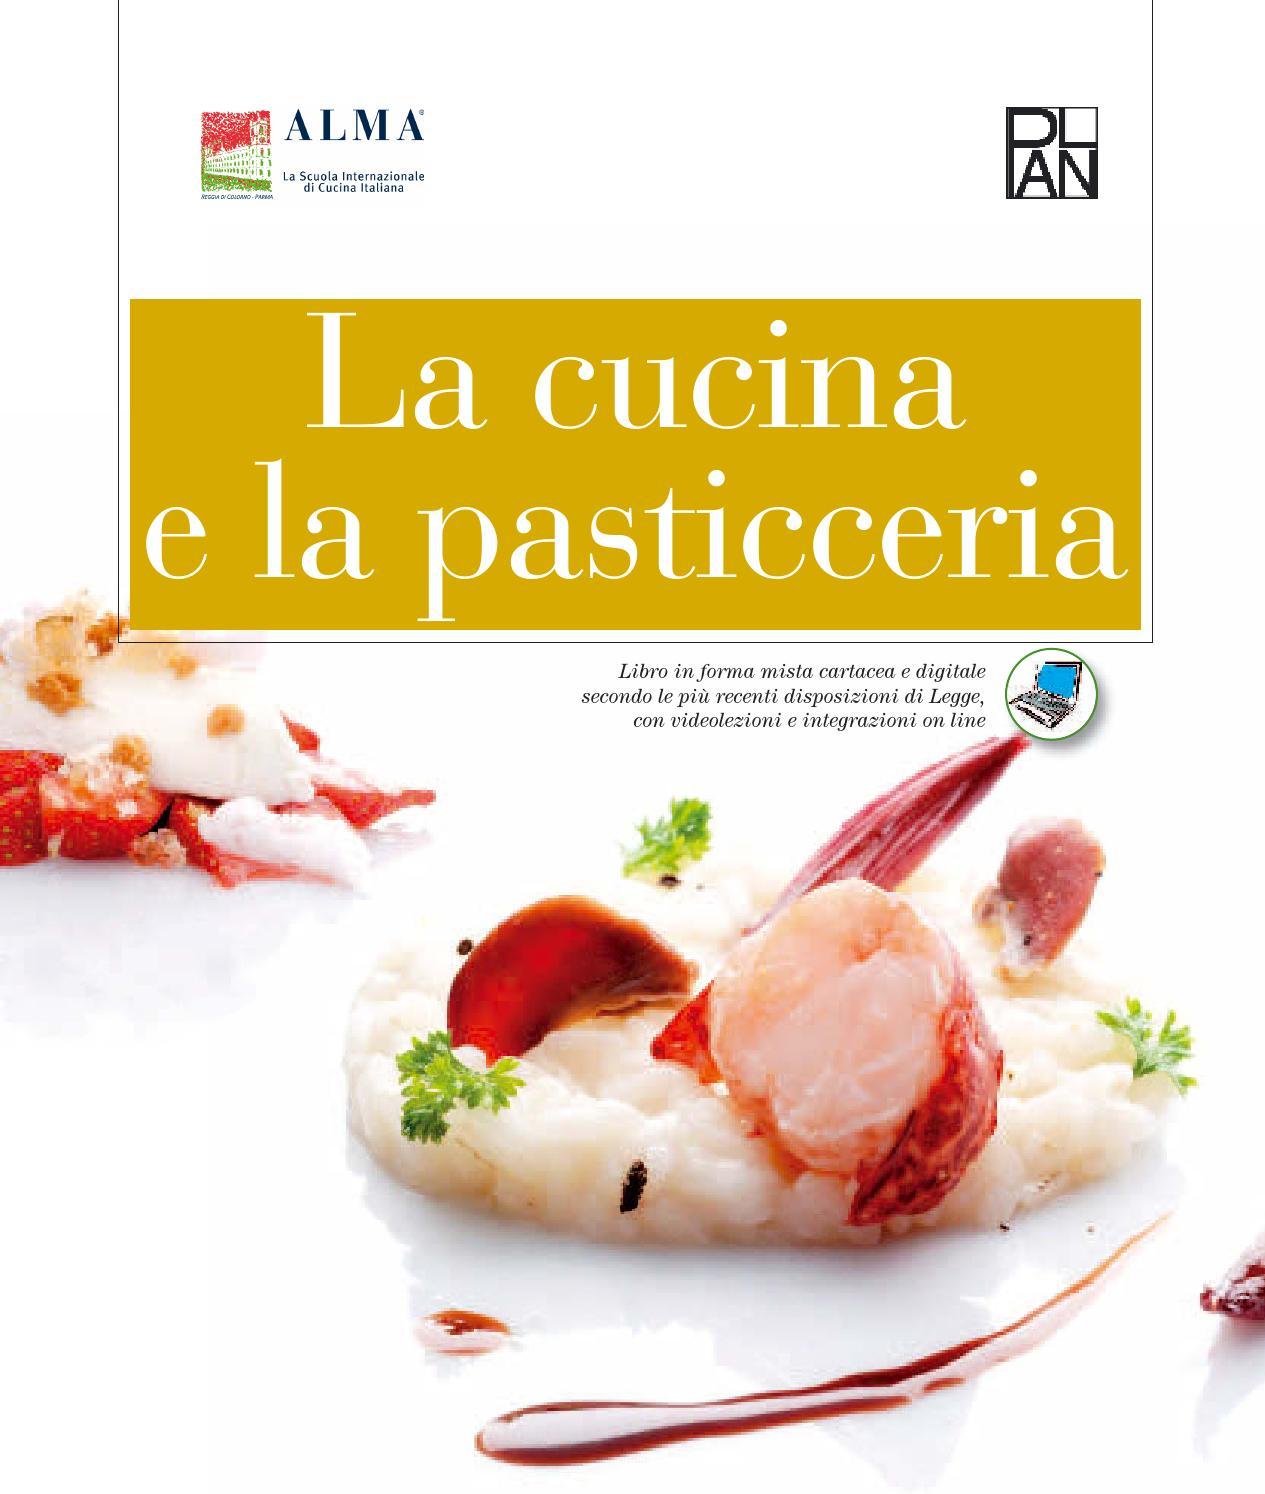 Vendita Cucine Viaggianti Usate.La Cucina E La Pasticceria By Eli Publishing Issuu